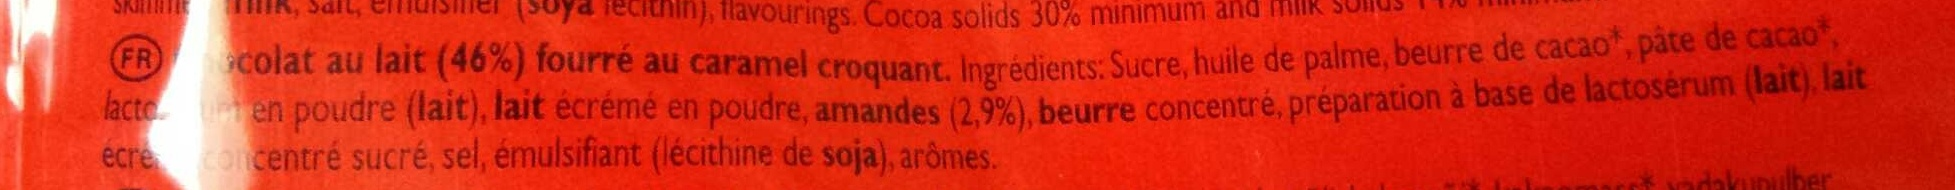 Daim - Ingredients